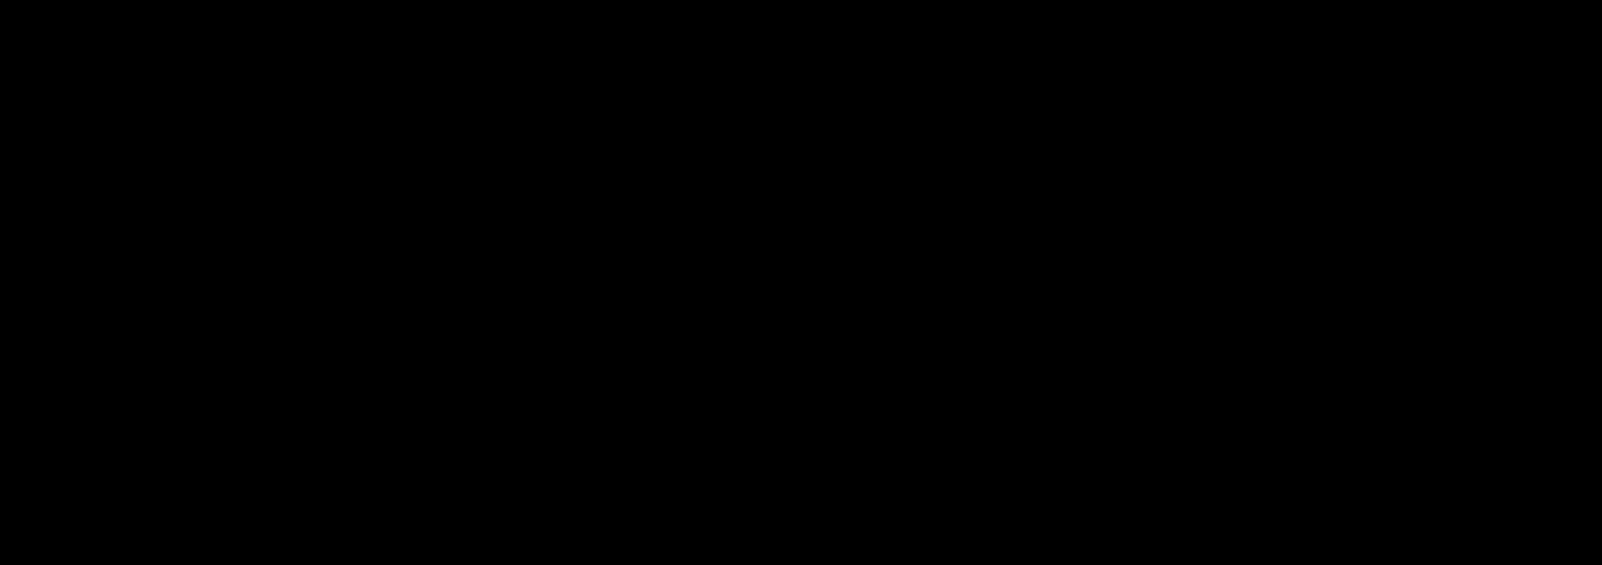 WESCHENBACH